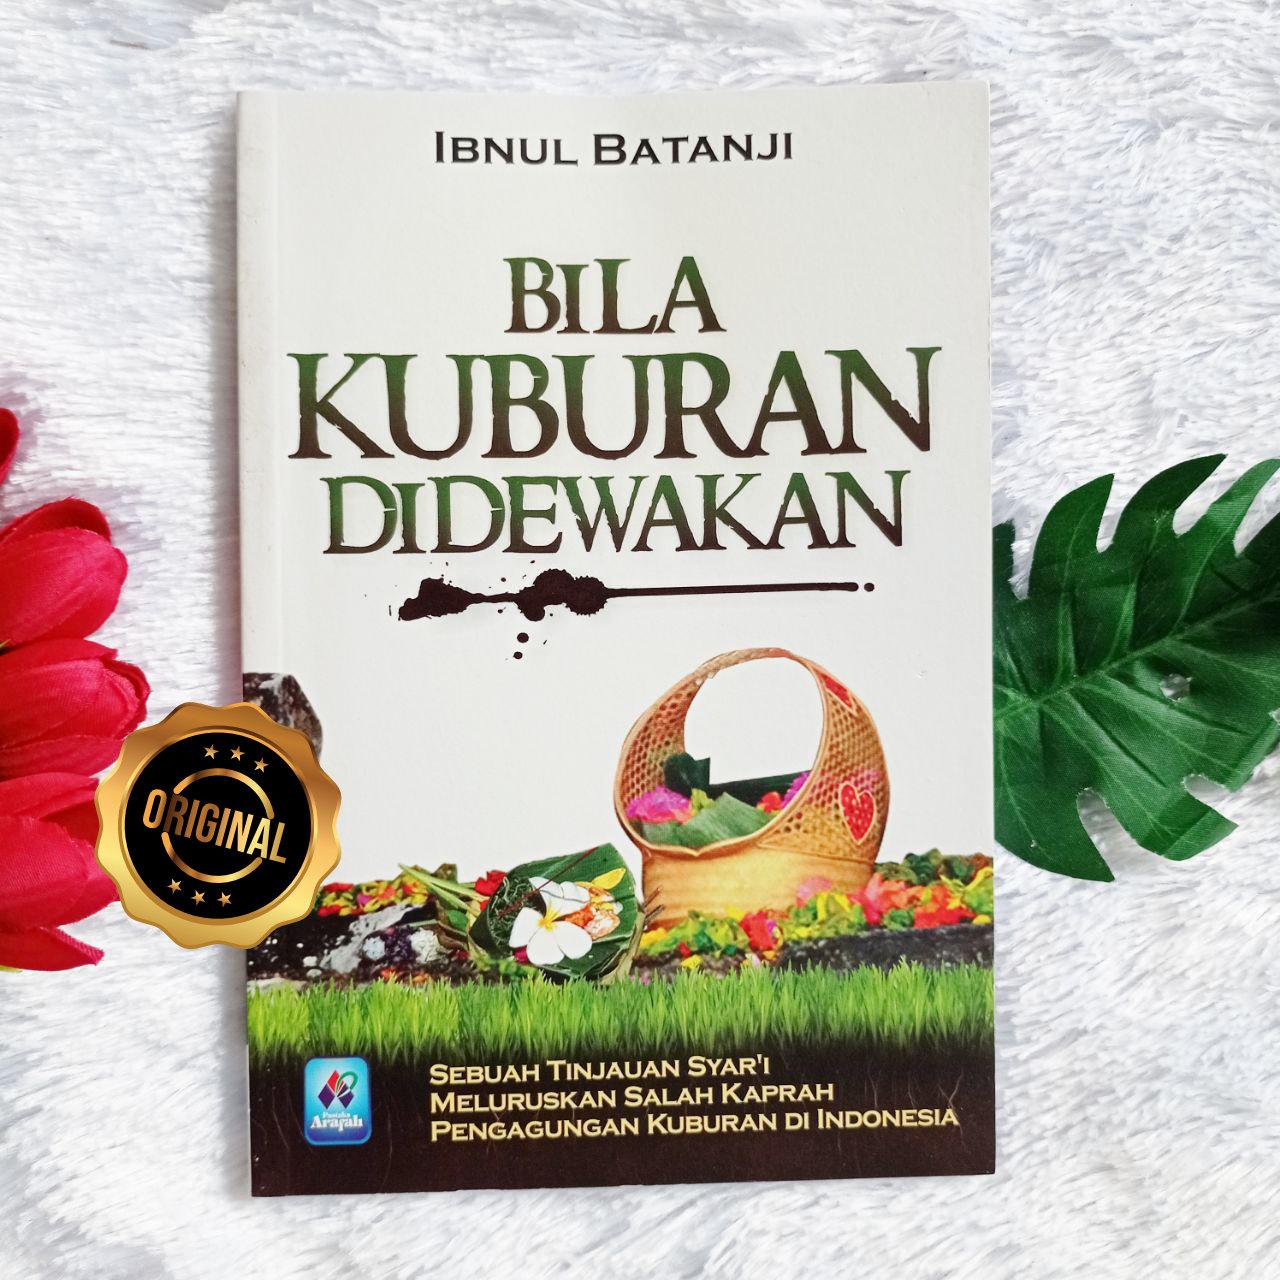 Buku Bila Kuburan Didewakan Meluruskan Pengagungan Salah Kaprah Di Indonesia